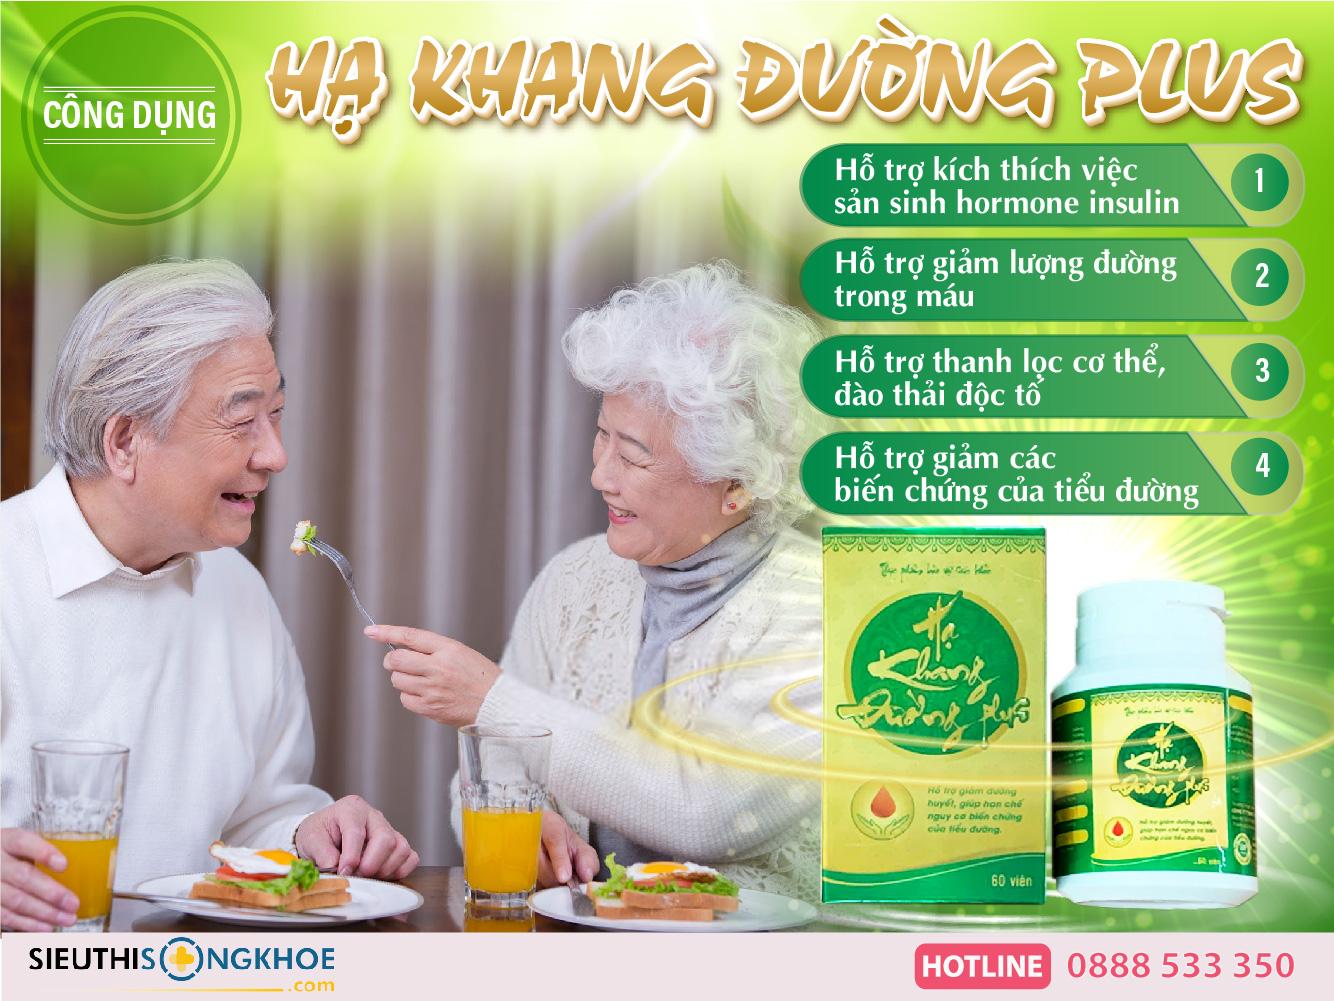 cong dung ha khang duong plus